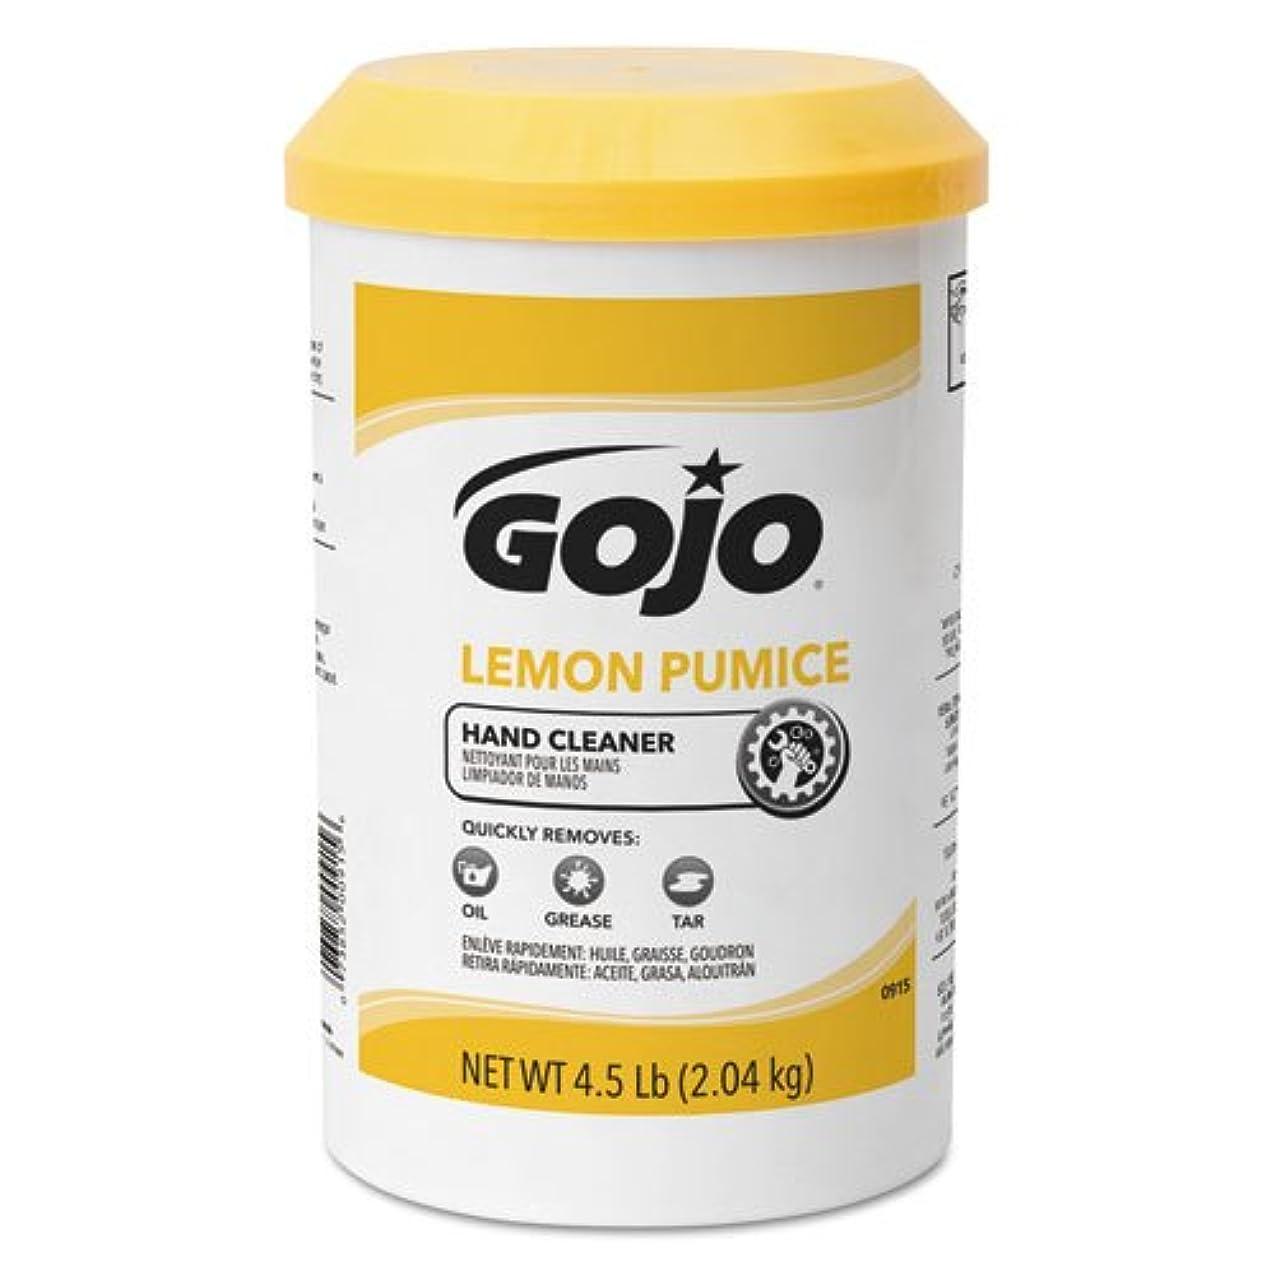 自転車凝視飲料Gojo レモンプーミス ハンドクリーナー レモンの香り 4.5ポンド GOJ0915